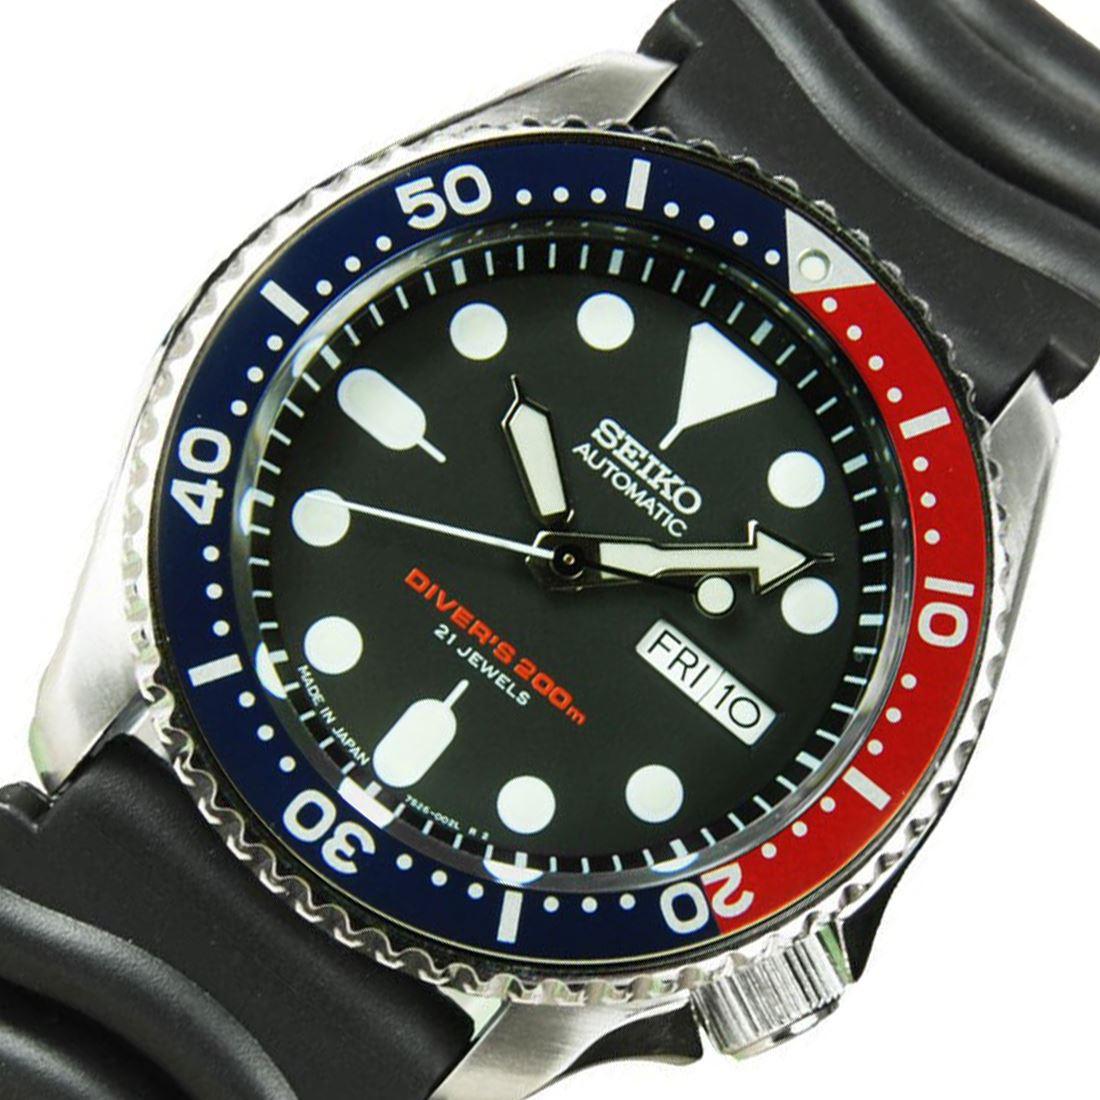 TOP-SELLING-Seiko-SKX009-SKX009J1-SKX009J2-SKX009K1-SKX009K2-Pepsi-Dive-Watch thumbnail 6